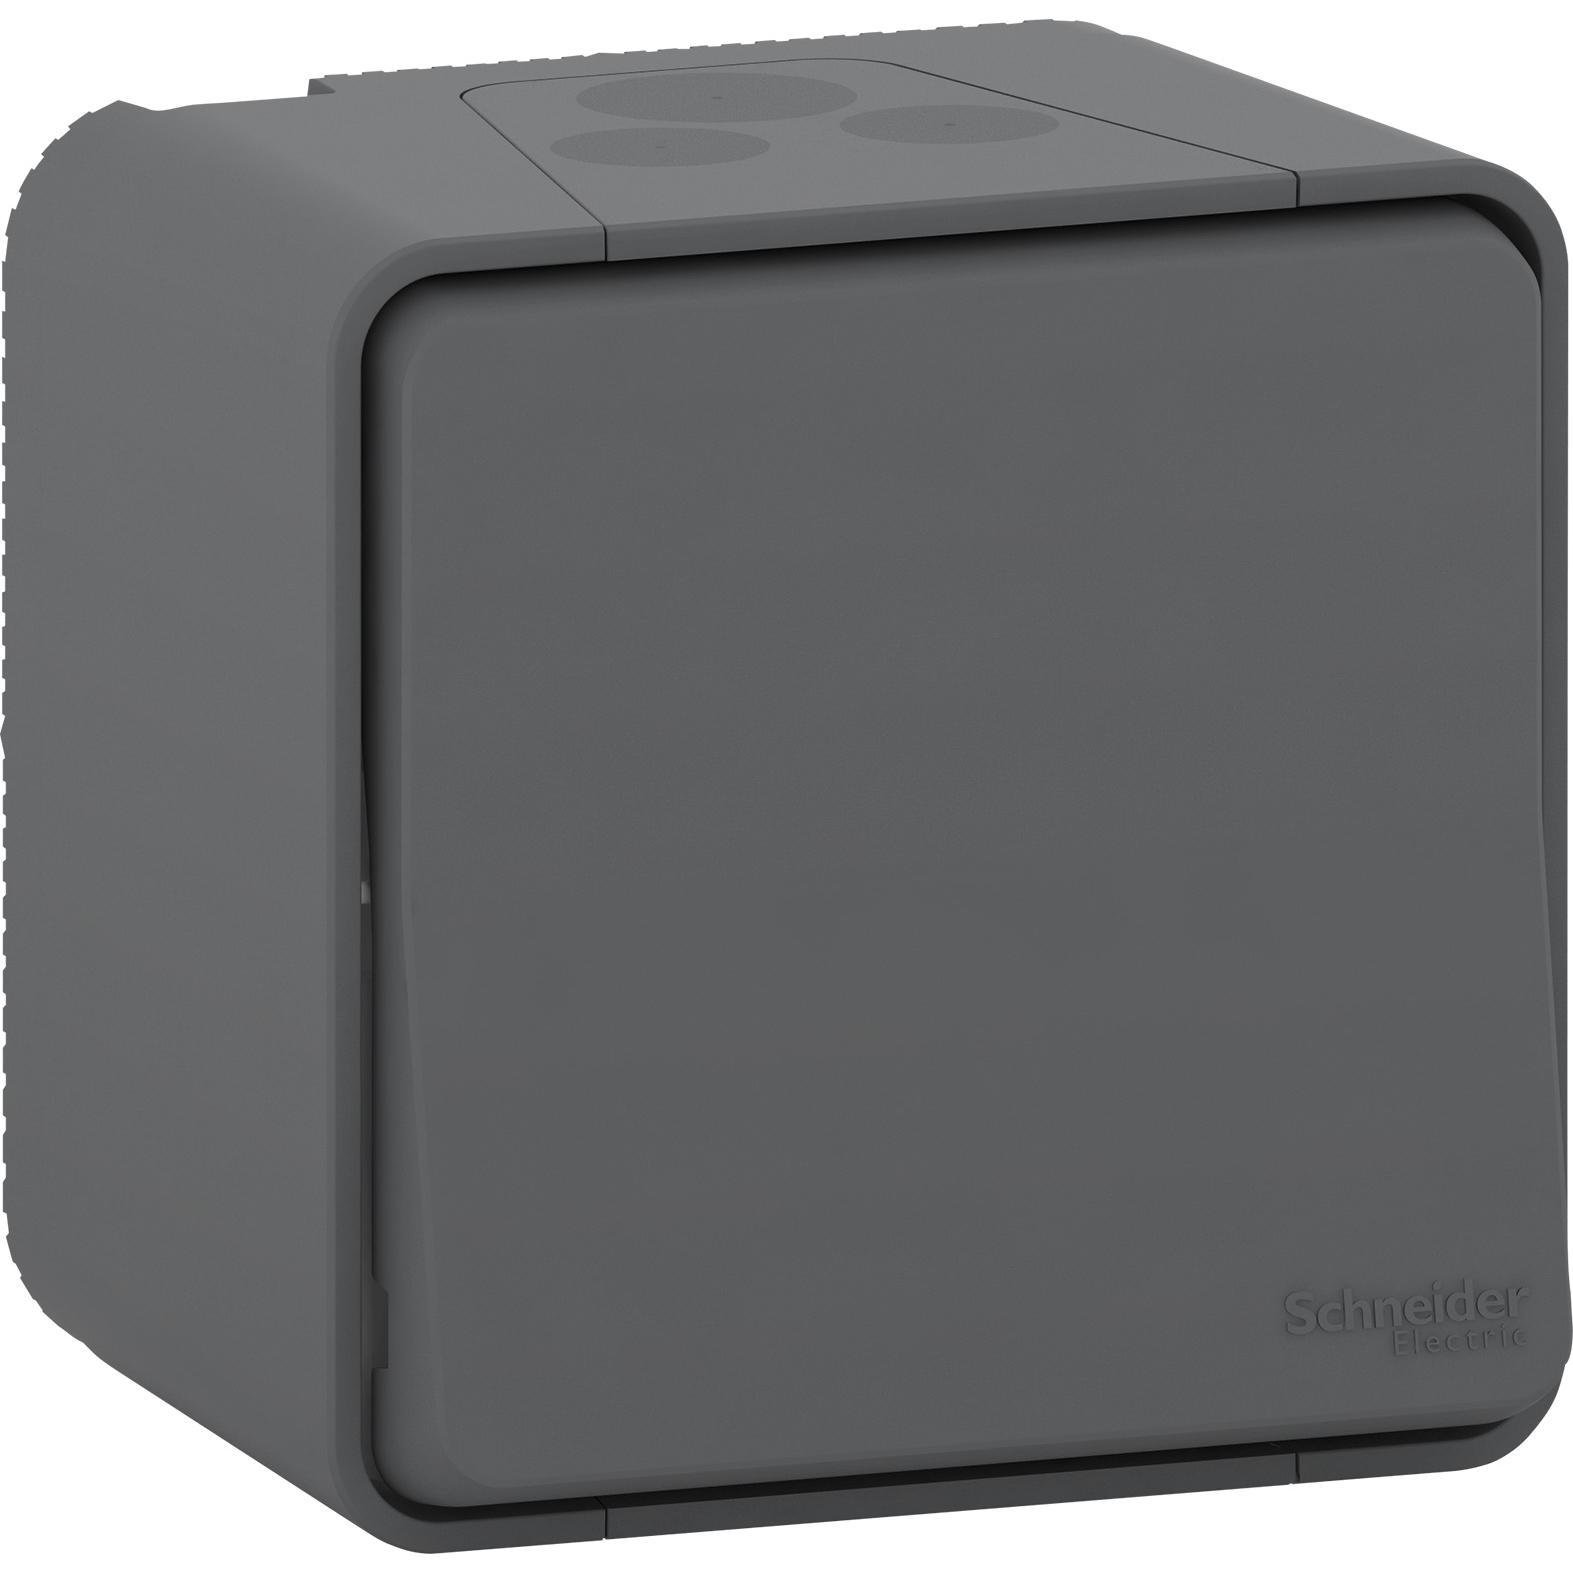 Переключатель Schneider electric Mur35021